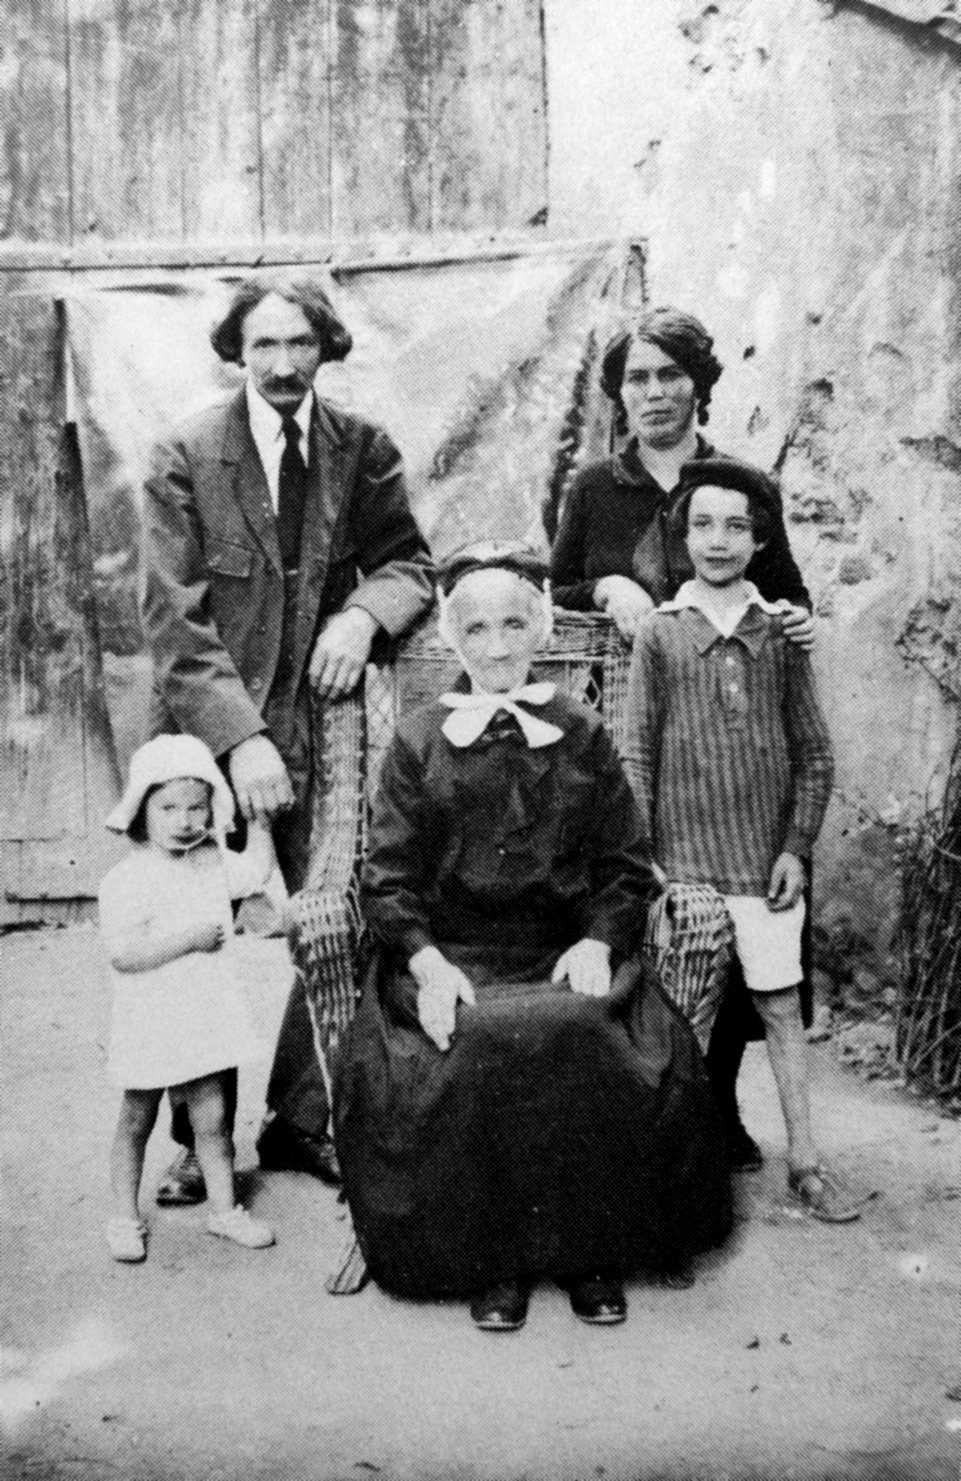 La família Bizeau (Maciac, 1926): Eugène, sa mare, Anna, Claire (tres anys) i Max (vuit anys)